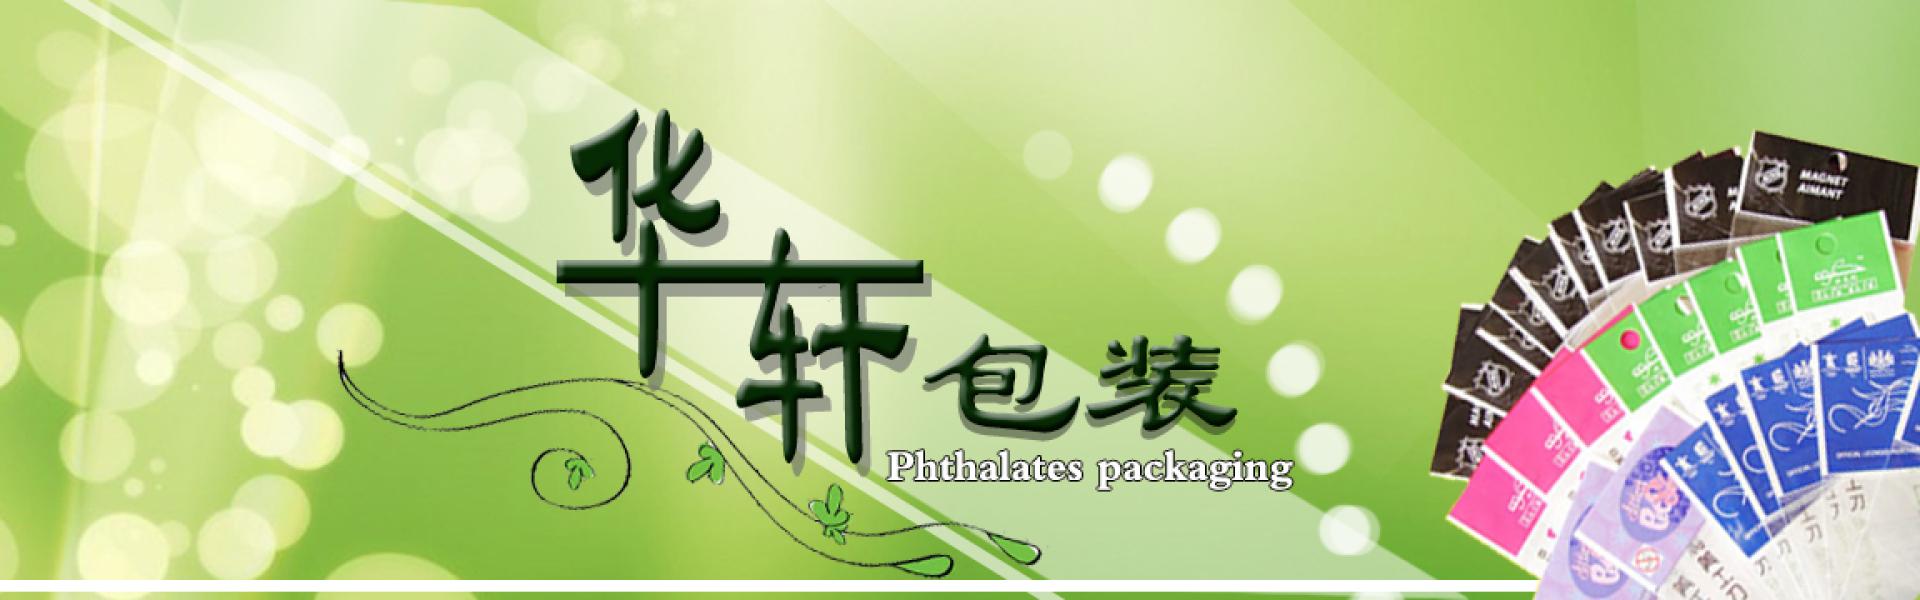 高要区南岸华轩塑料包装厂是一家专业生产塑料软包装(俗称:胶袋,塑料袋,尼龙袋,薄膜袋,胶纸袋)的专业生产厂家!